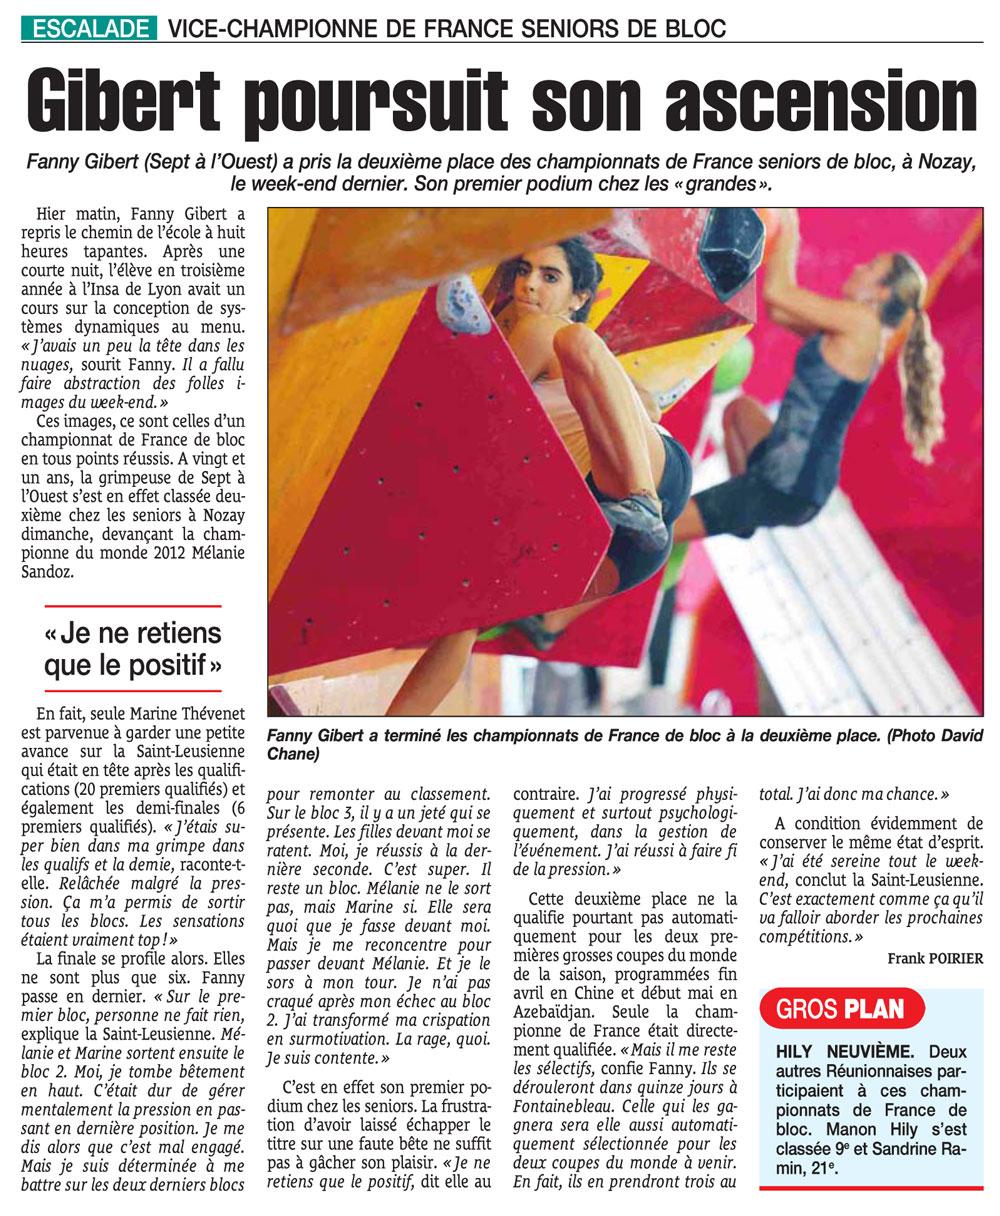 2014-04-01-QUOTIDIEN-CHAMP-FRANCE-BLOC-SENIOR-FANNY-GIBERT-ARGENT